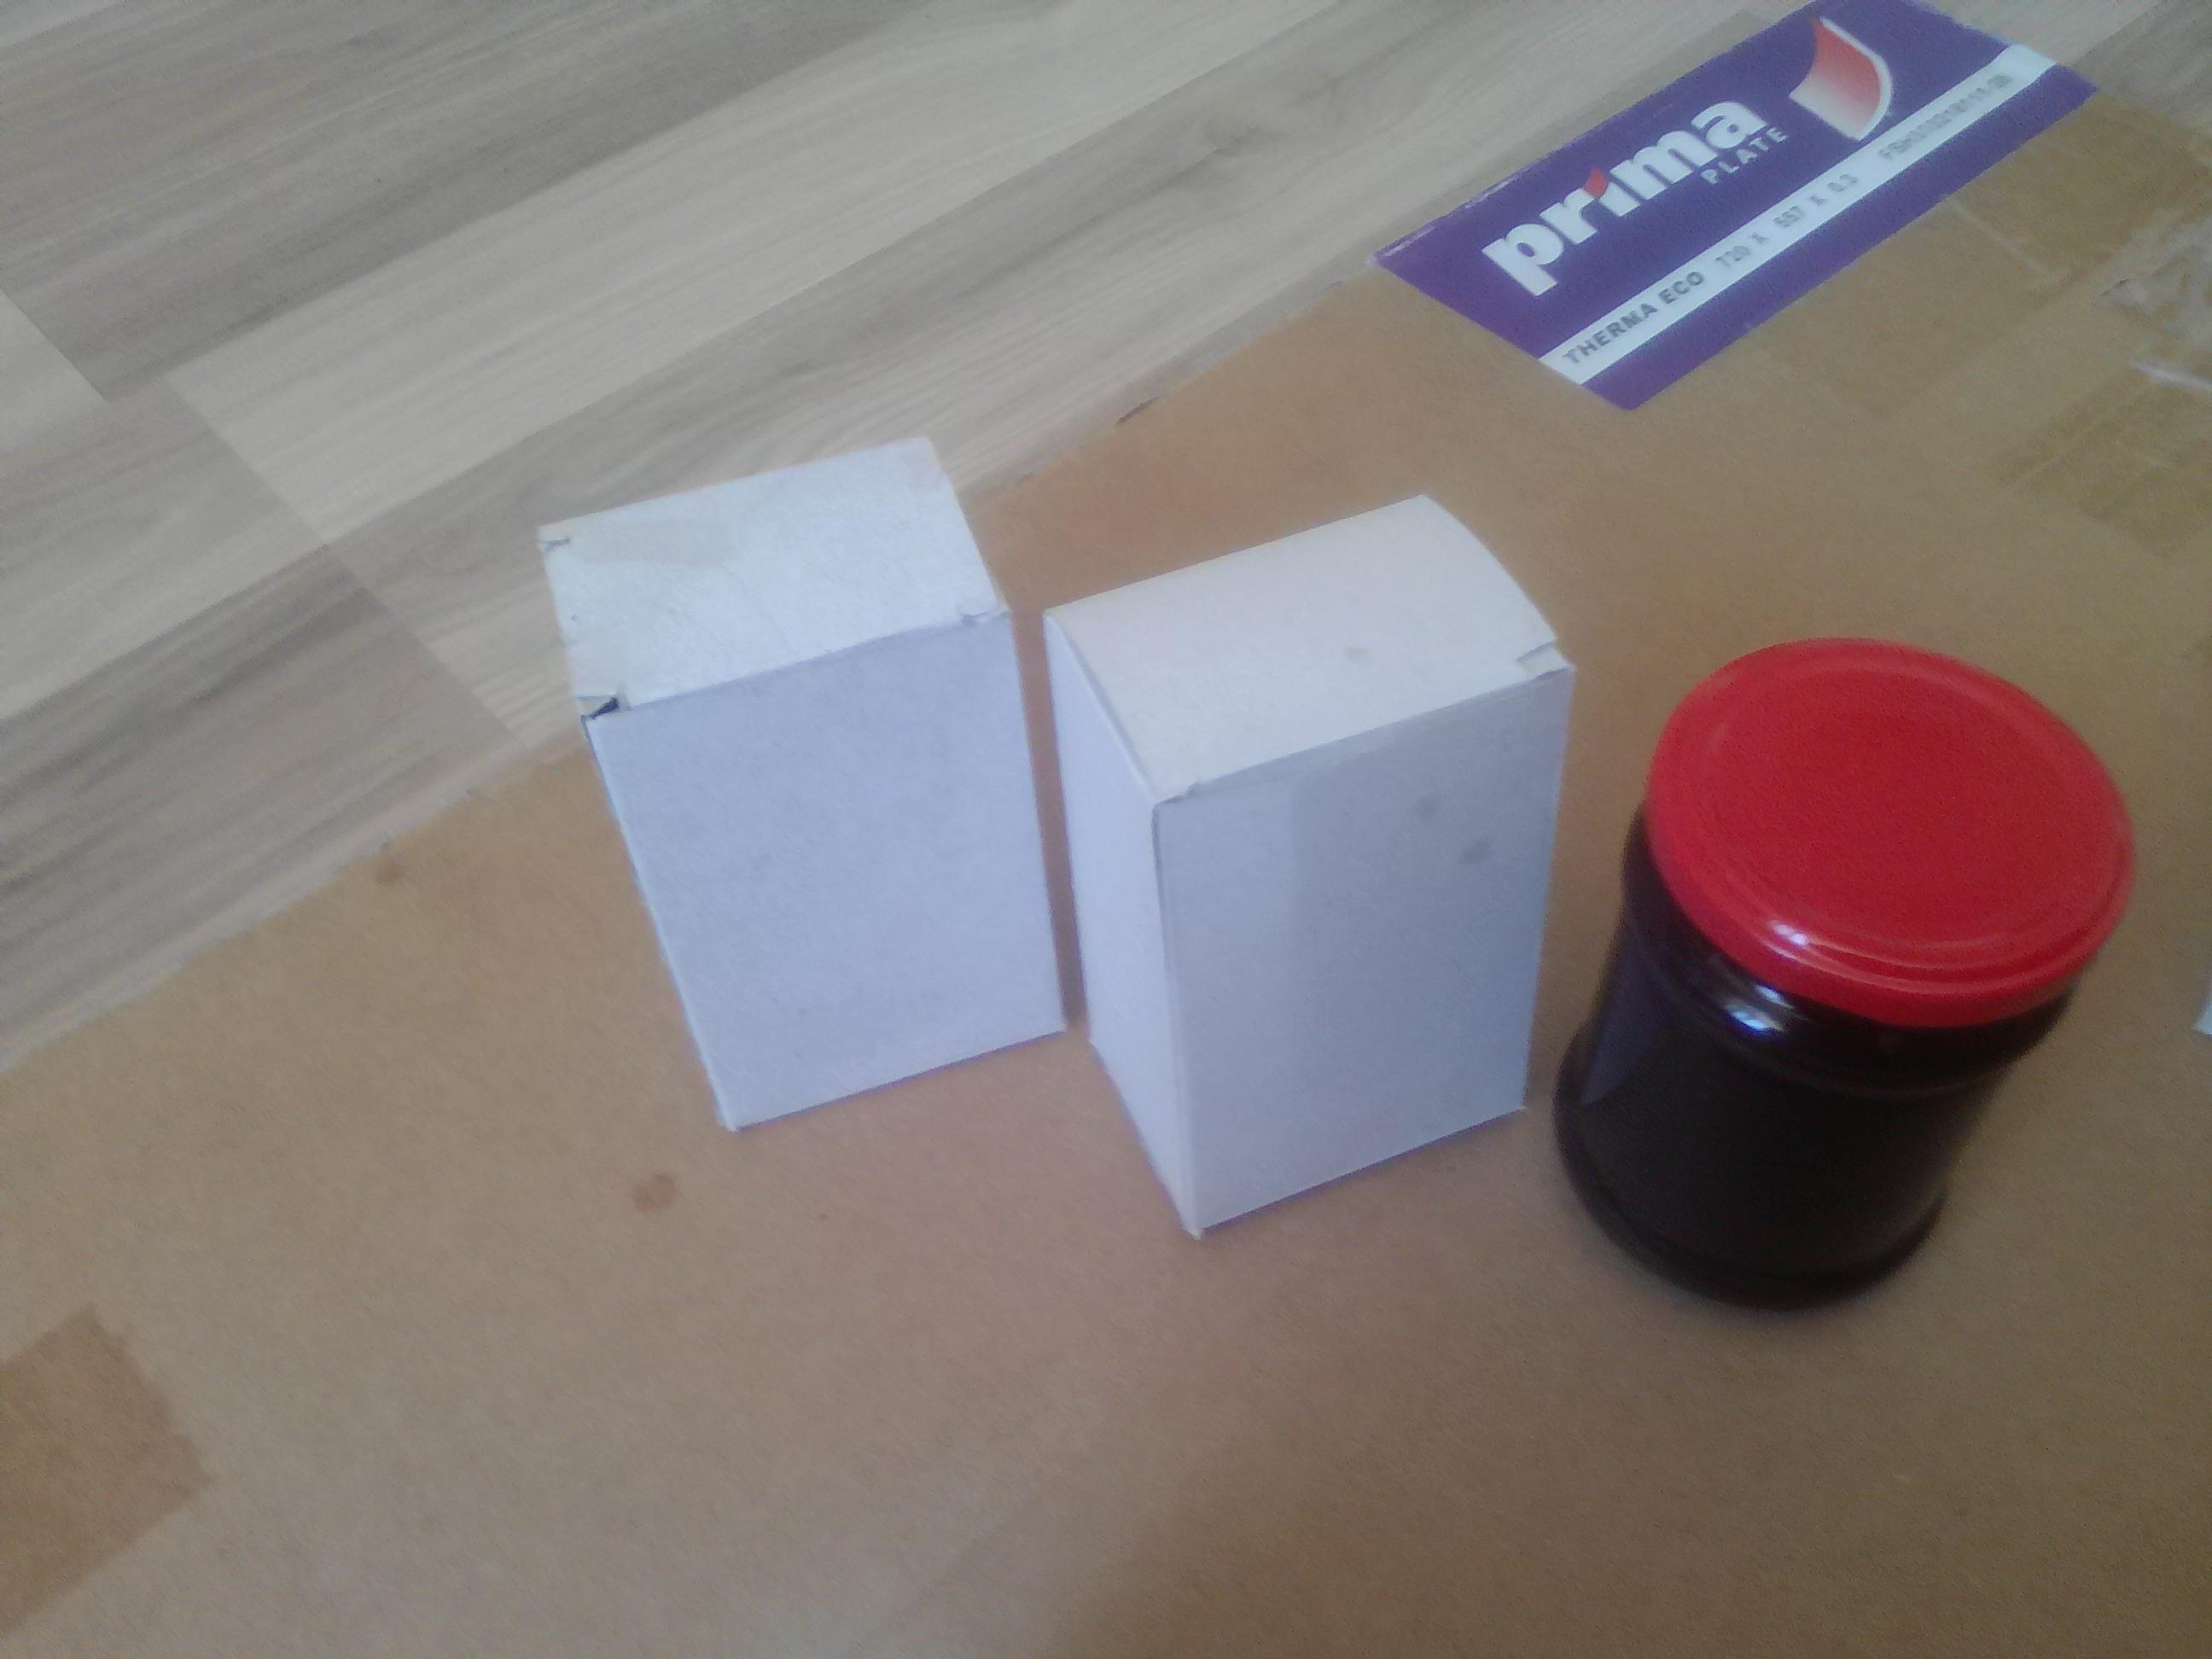 Дизайн коробки сувенирной  чай+парварда (подарочный набор) фото f_7195a52239922f59.jpg